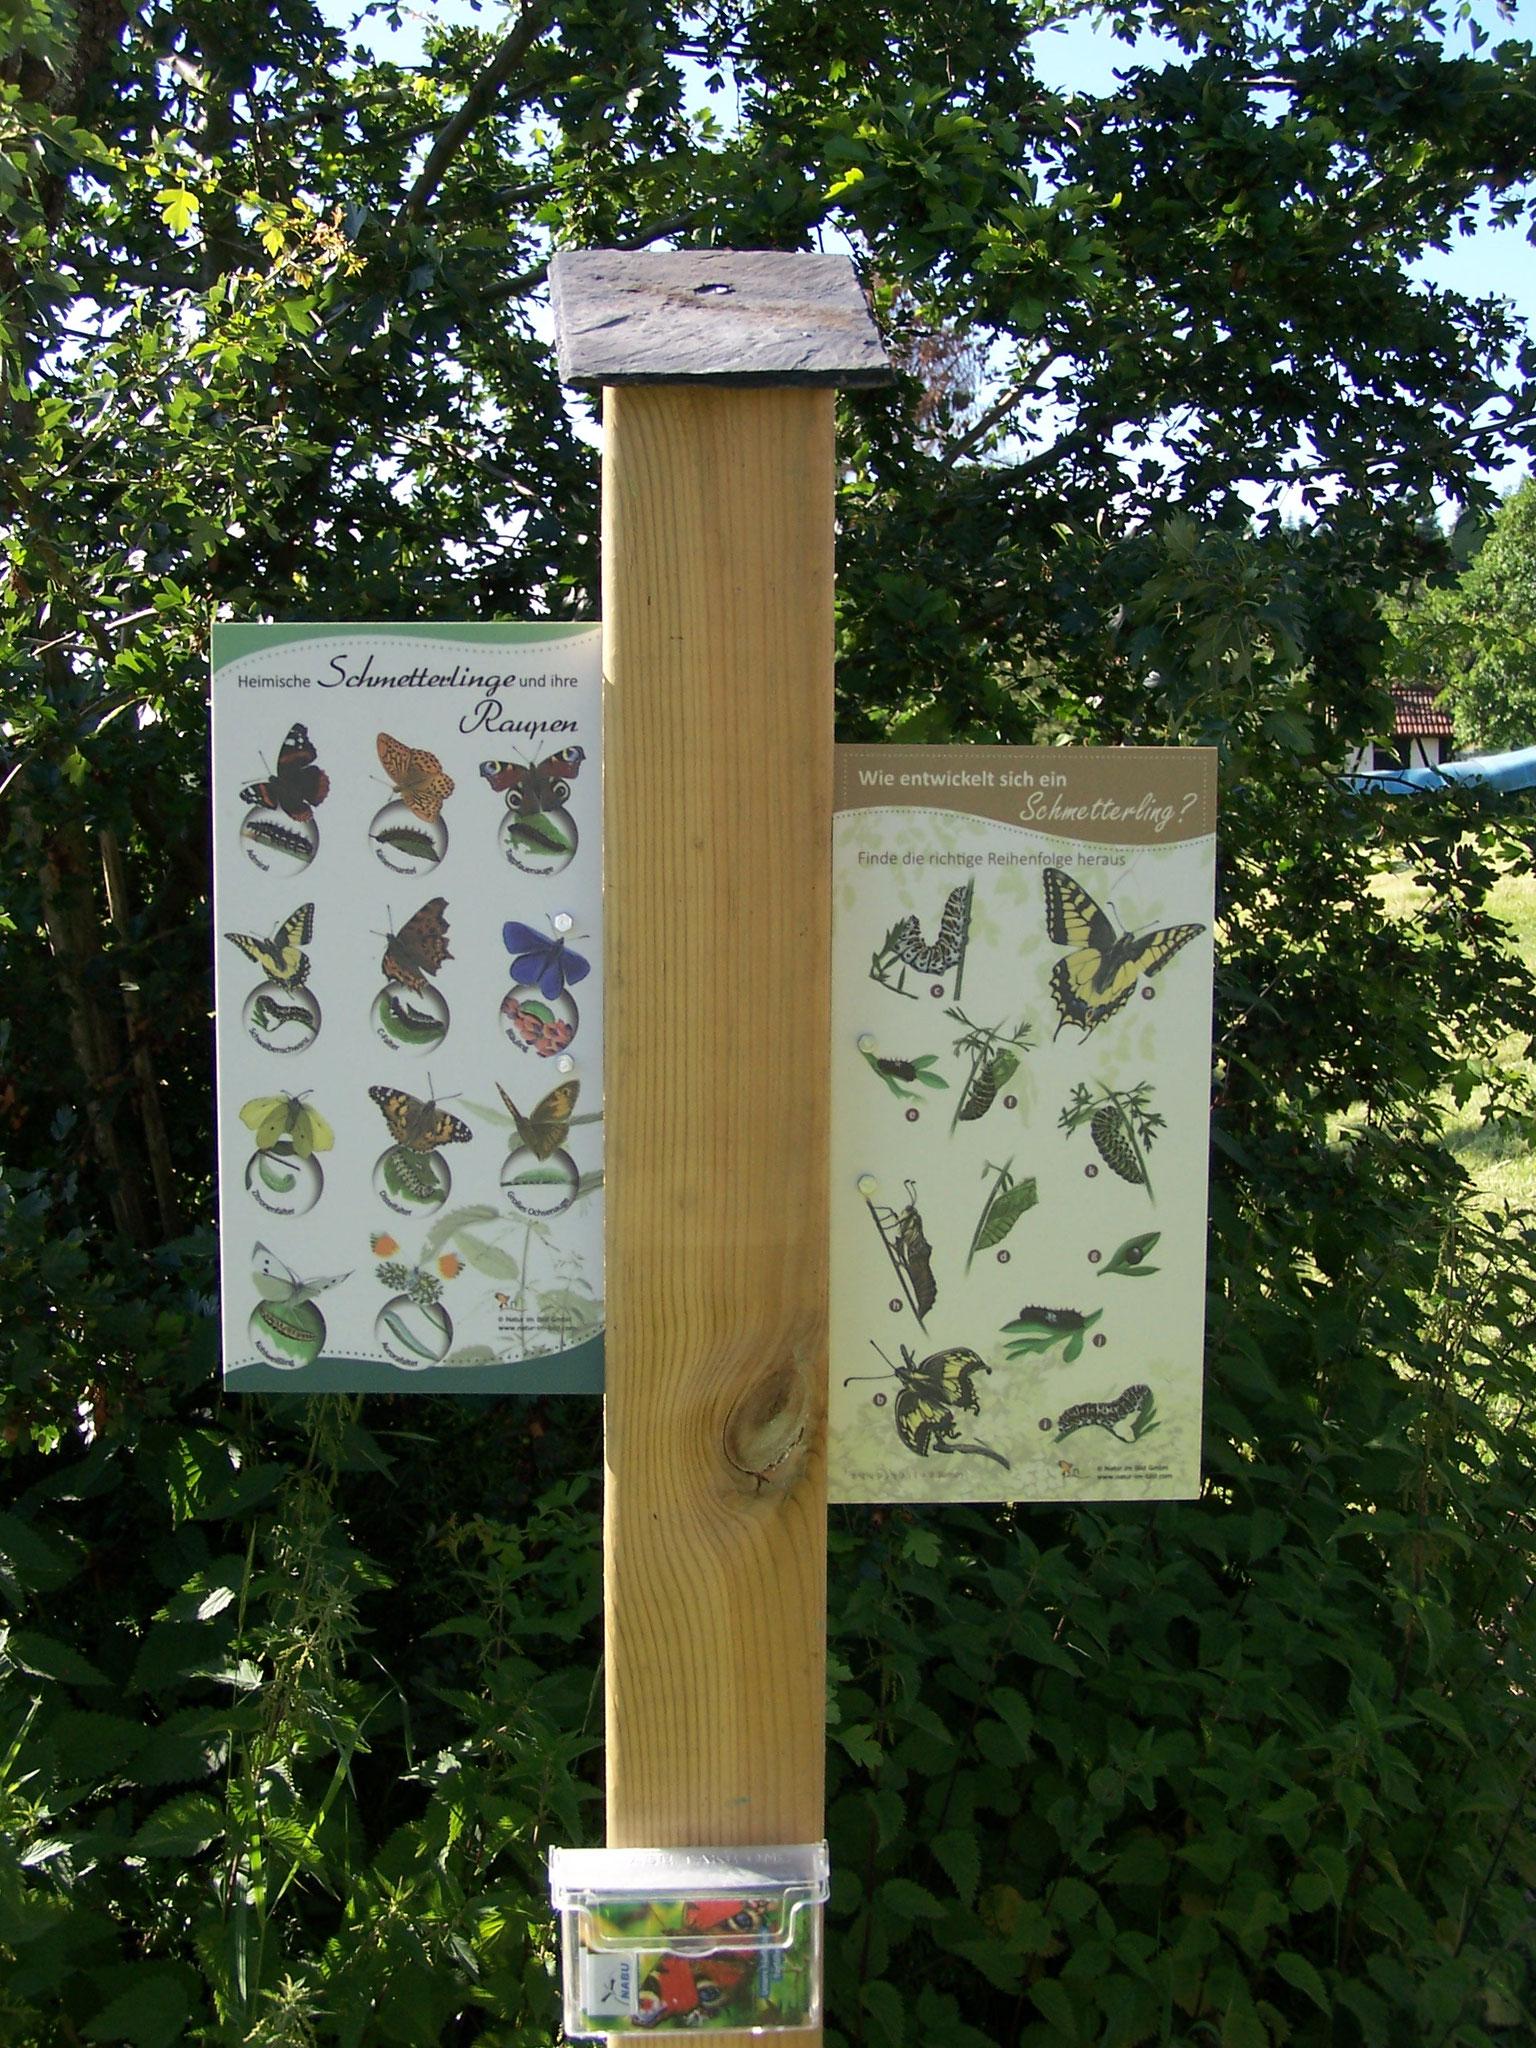 ... Schmetterlingsarten und die Entwicklung eines Schmetterlings....